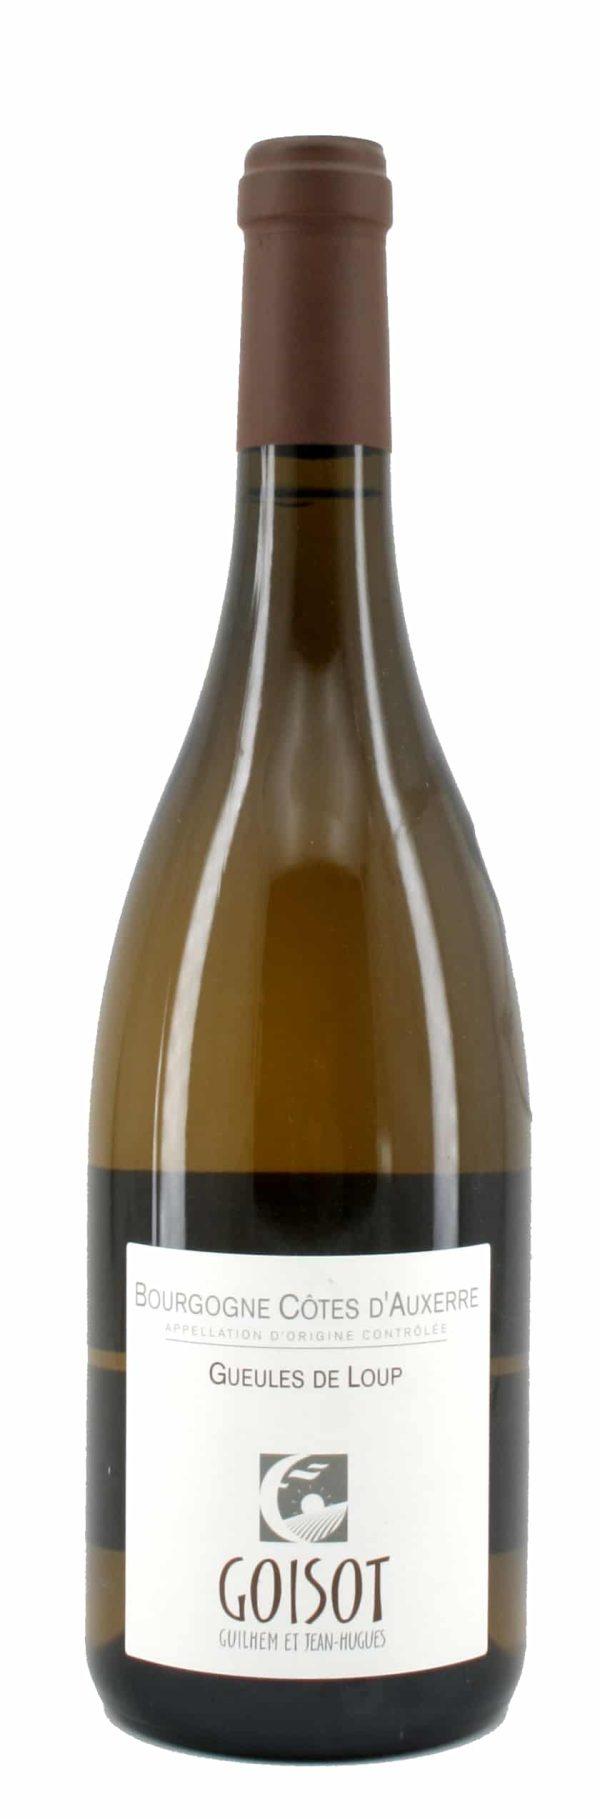 Bourgogne Côtes d´Auxerre Gueules de Loup 2015